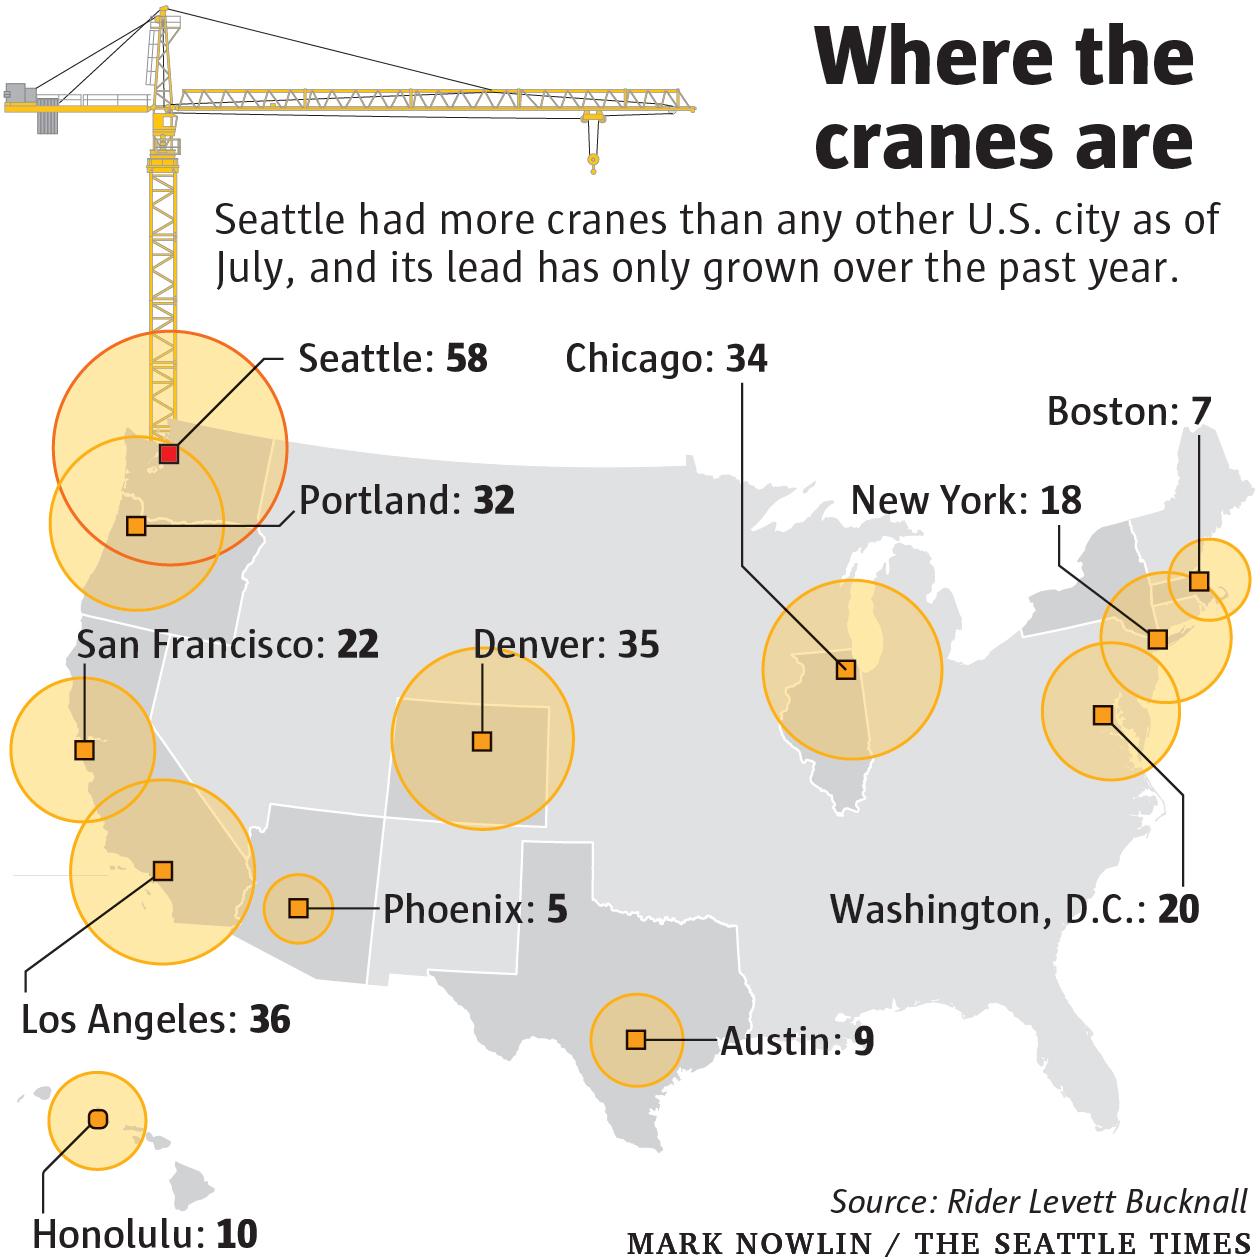 Where the cranes are?